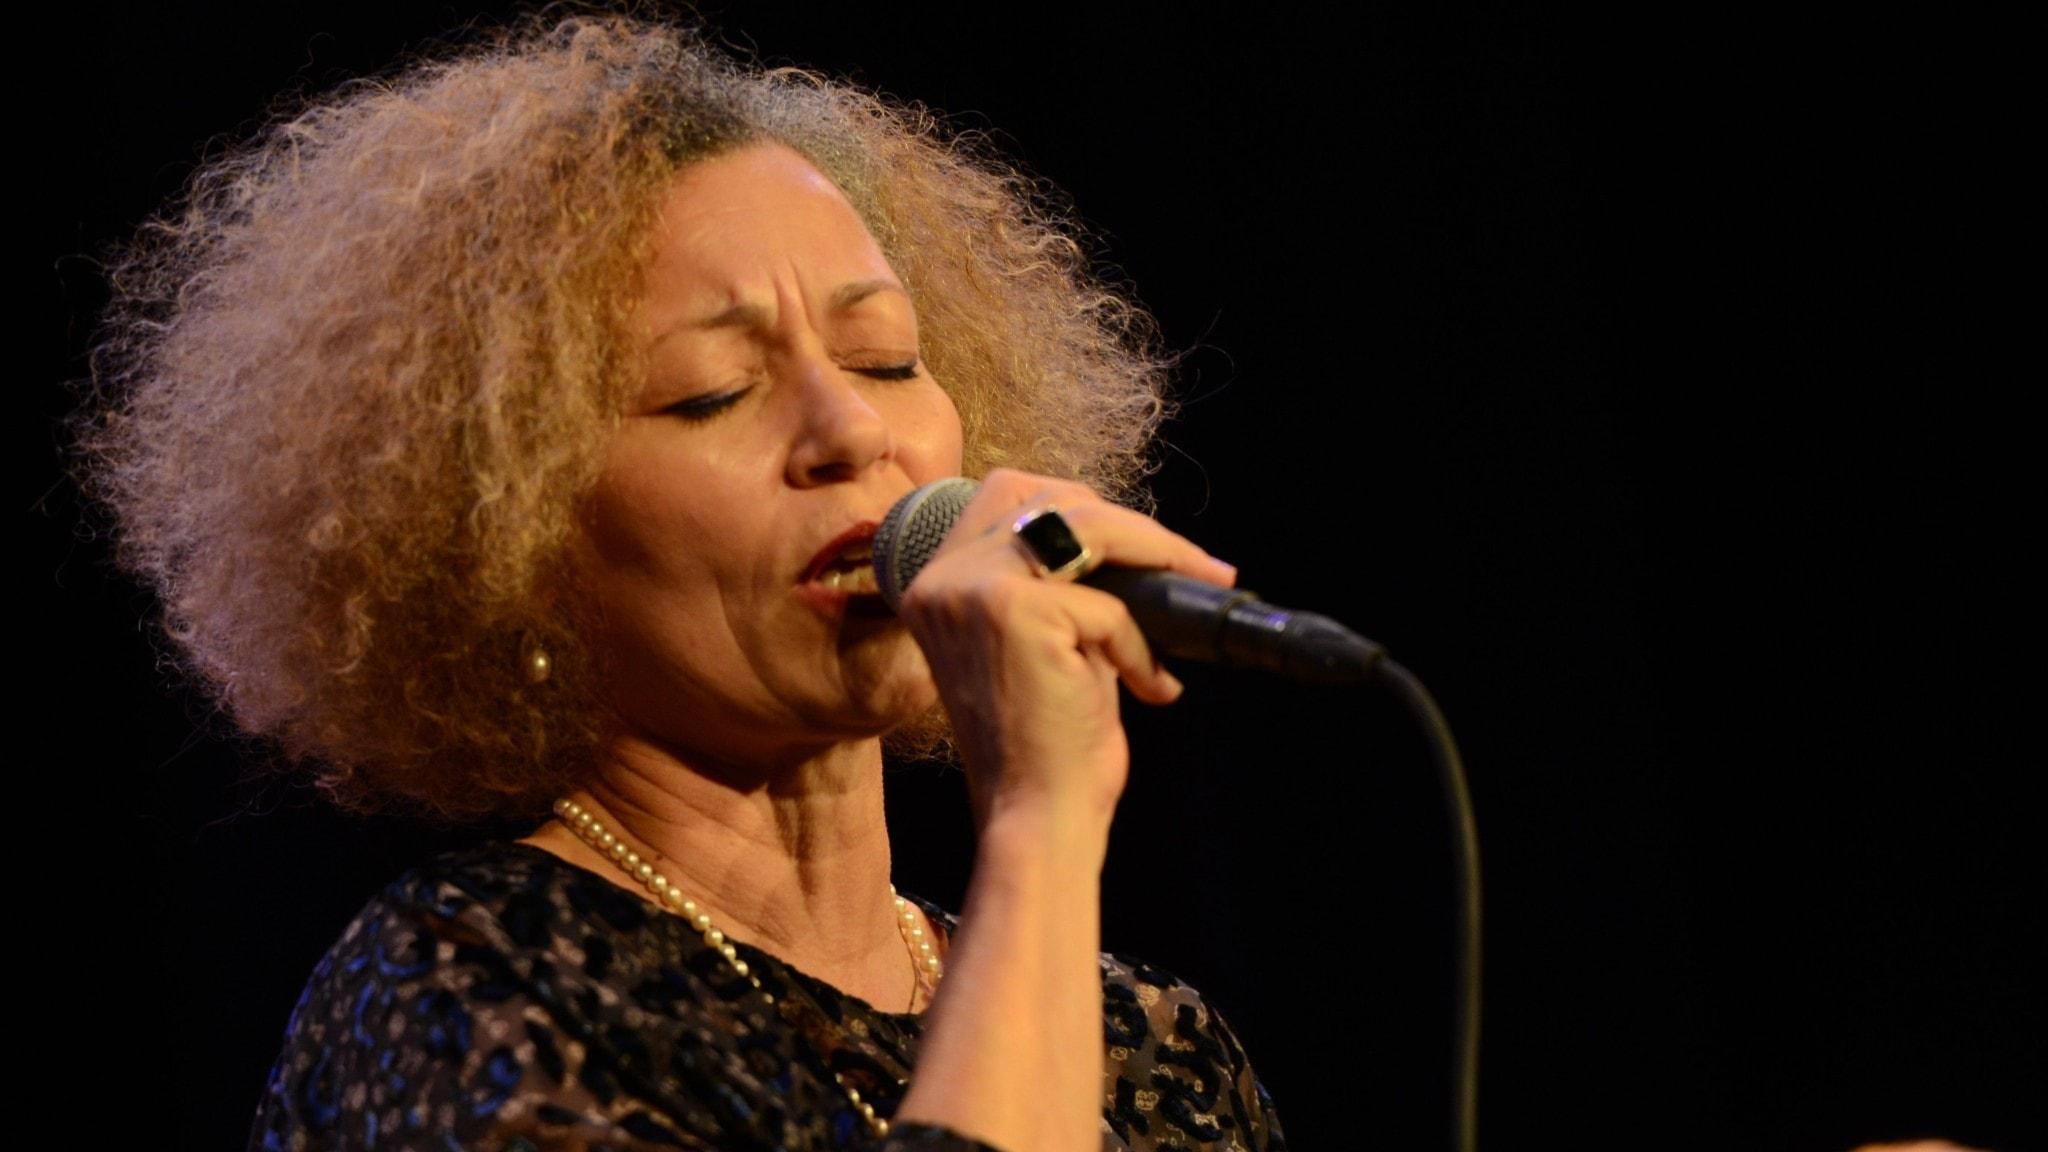 Sångerskan Rosàlia de Souza sjunger i en mikrofon.